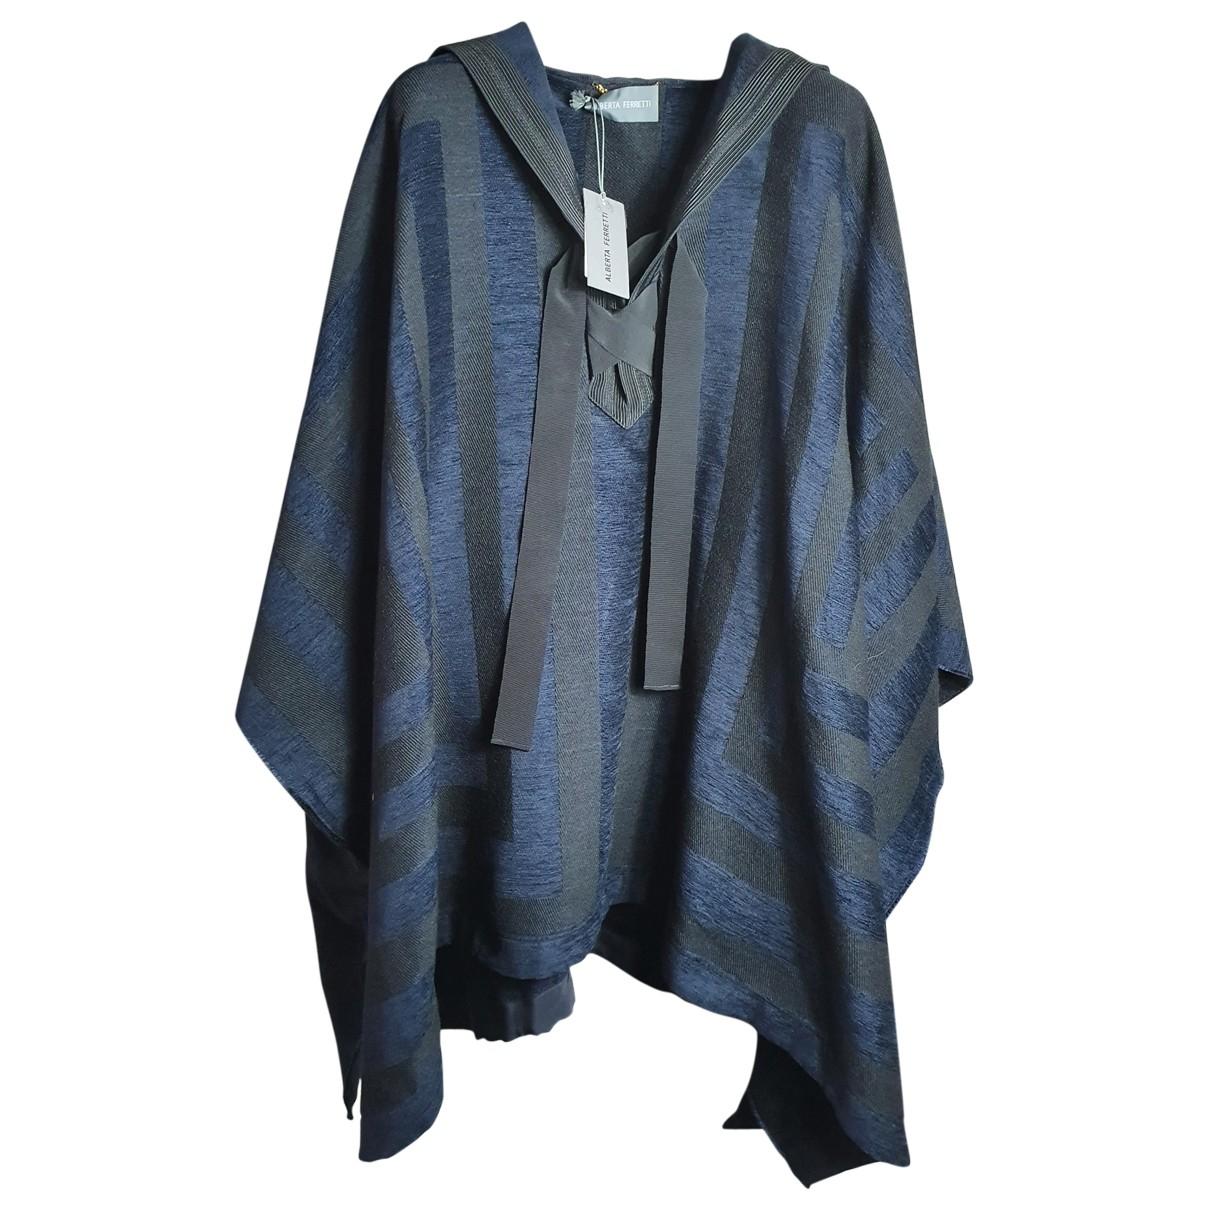 Alberta Ferretti \N Jacke in  Blau Wolle